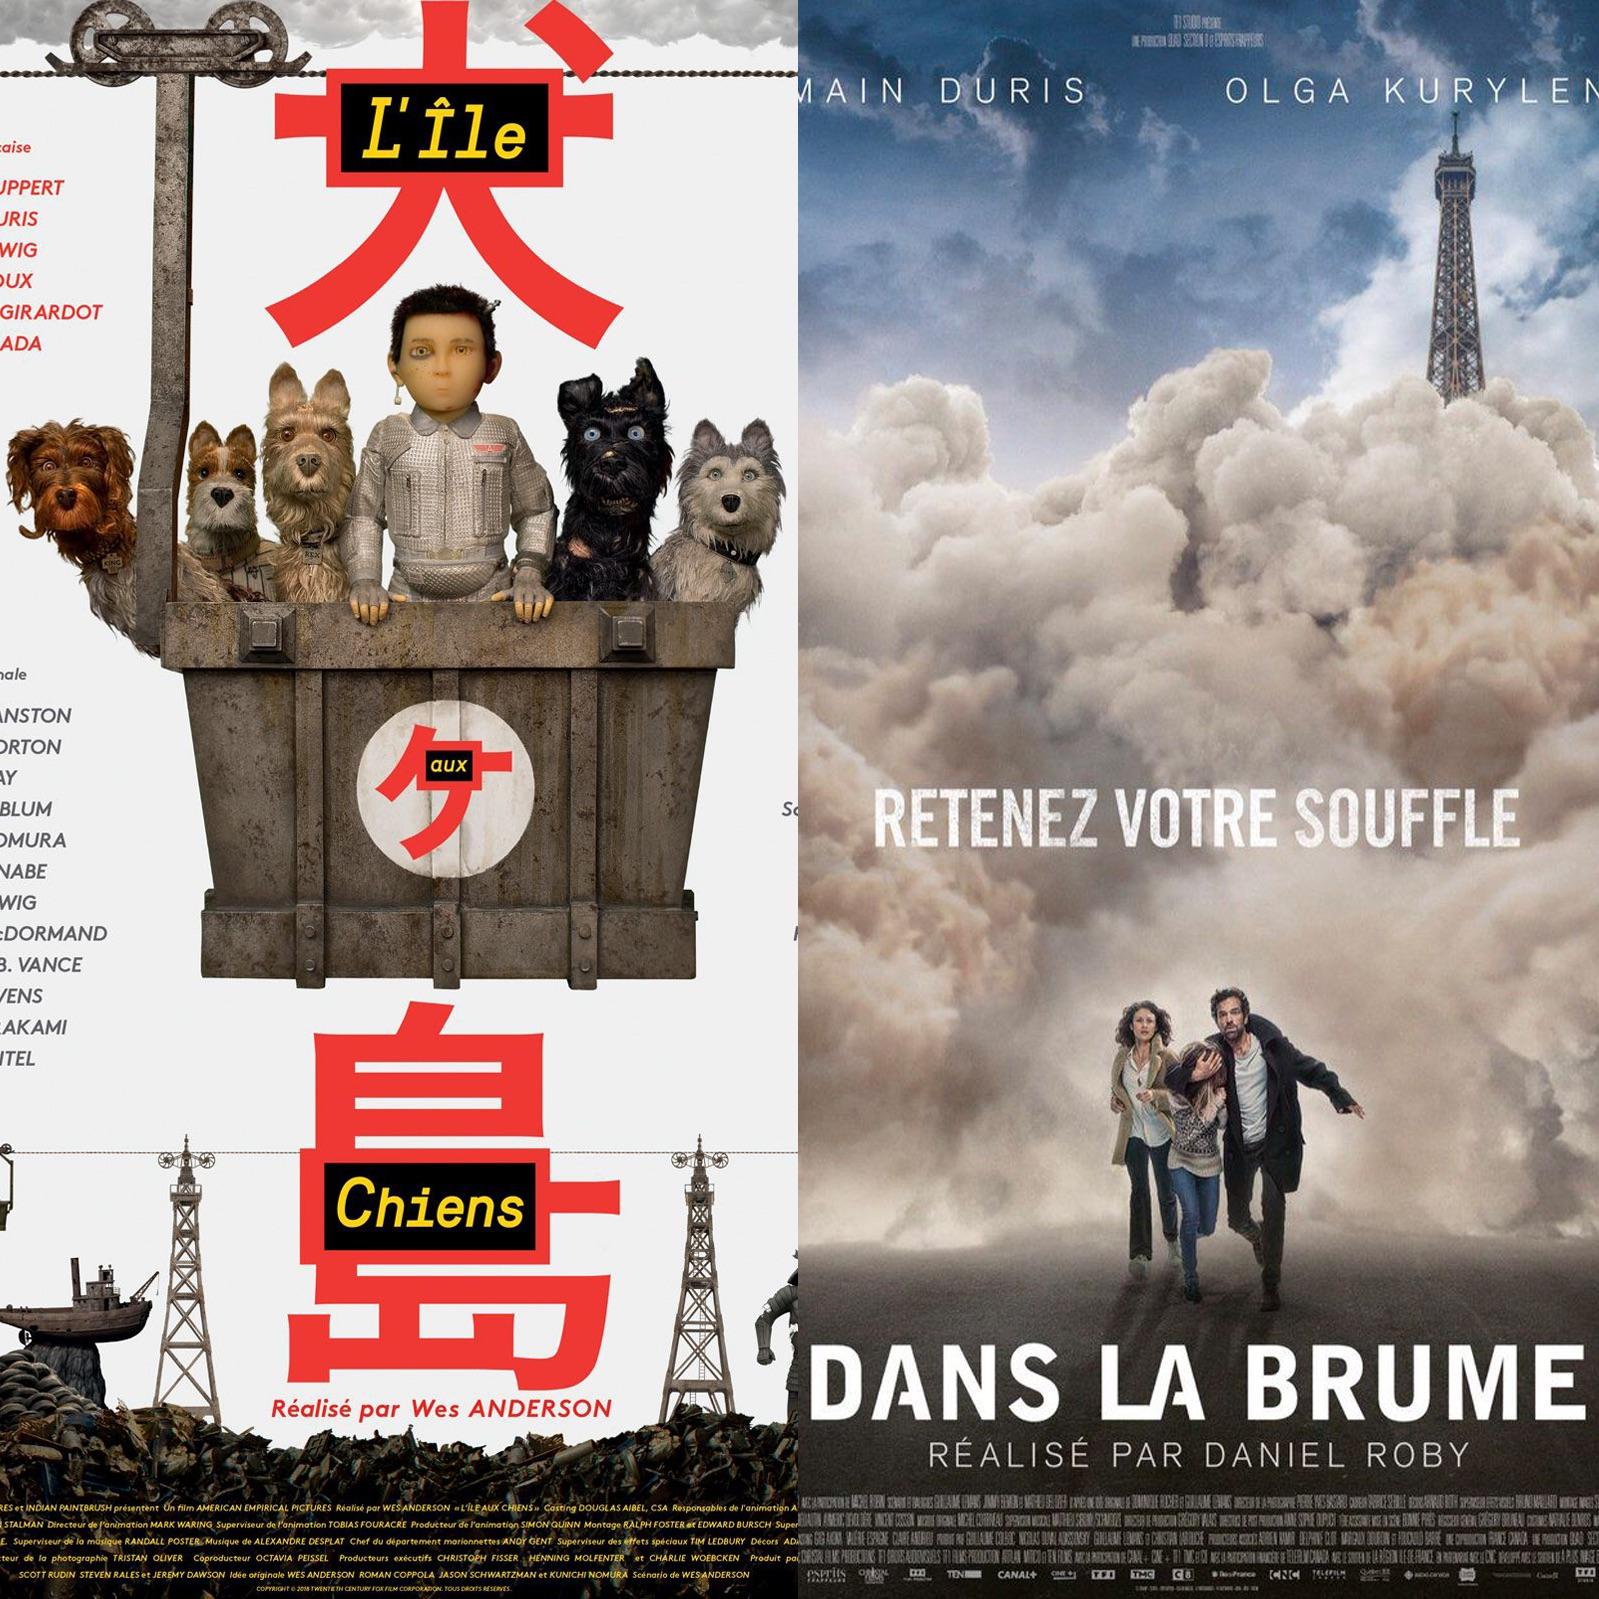 #07 L'ÎLE AUX CHIENS (Isle of Dogs) & DANS LA BRUME : Chiennes de Villes